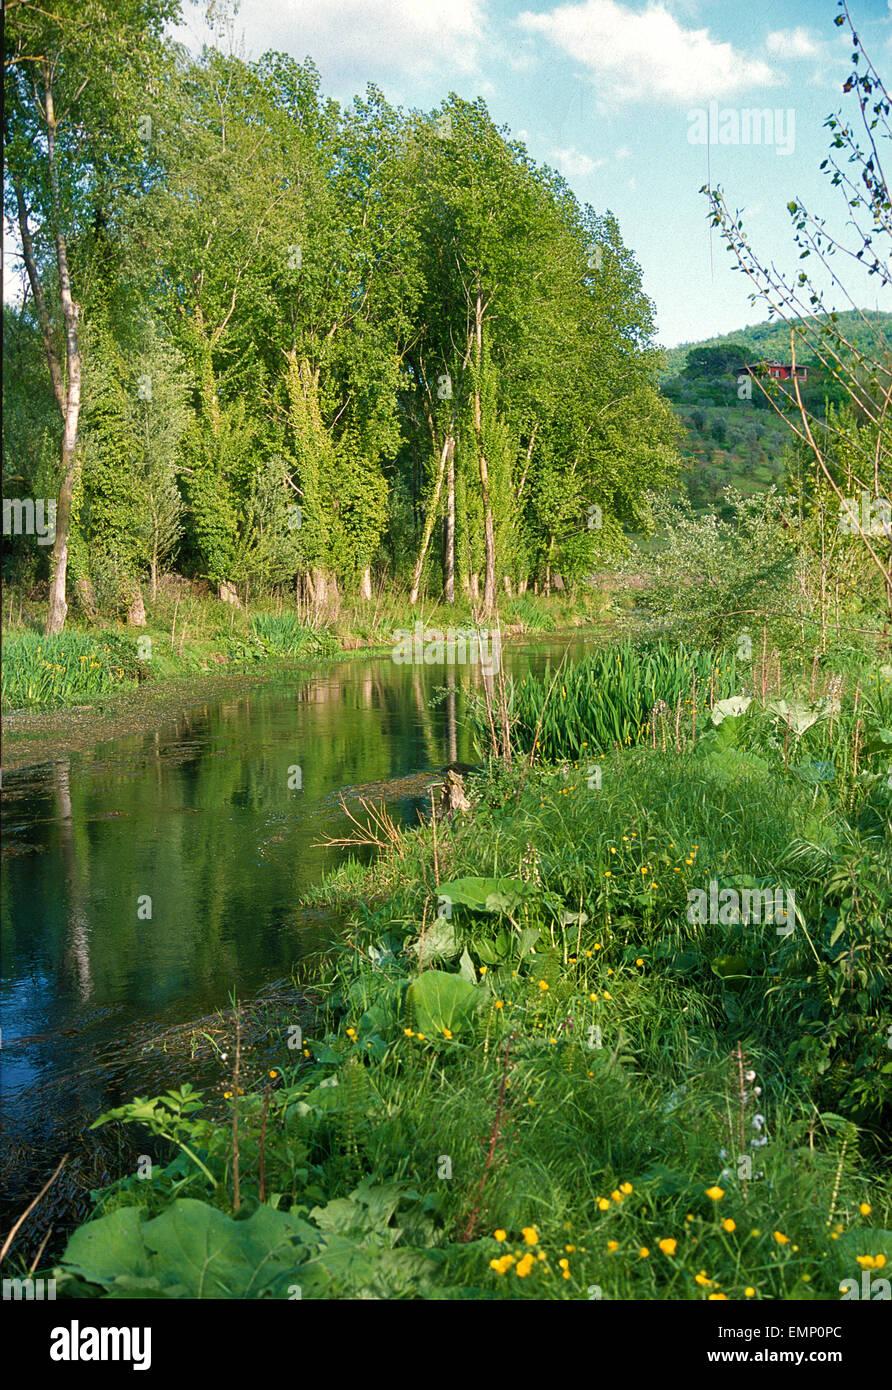 Posta Fibreno River, Frosinone, Lazio, Italìy, Europe - Stock Image